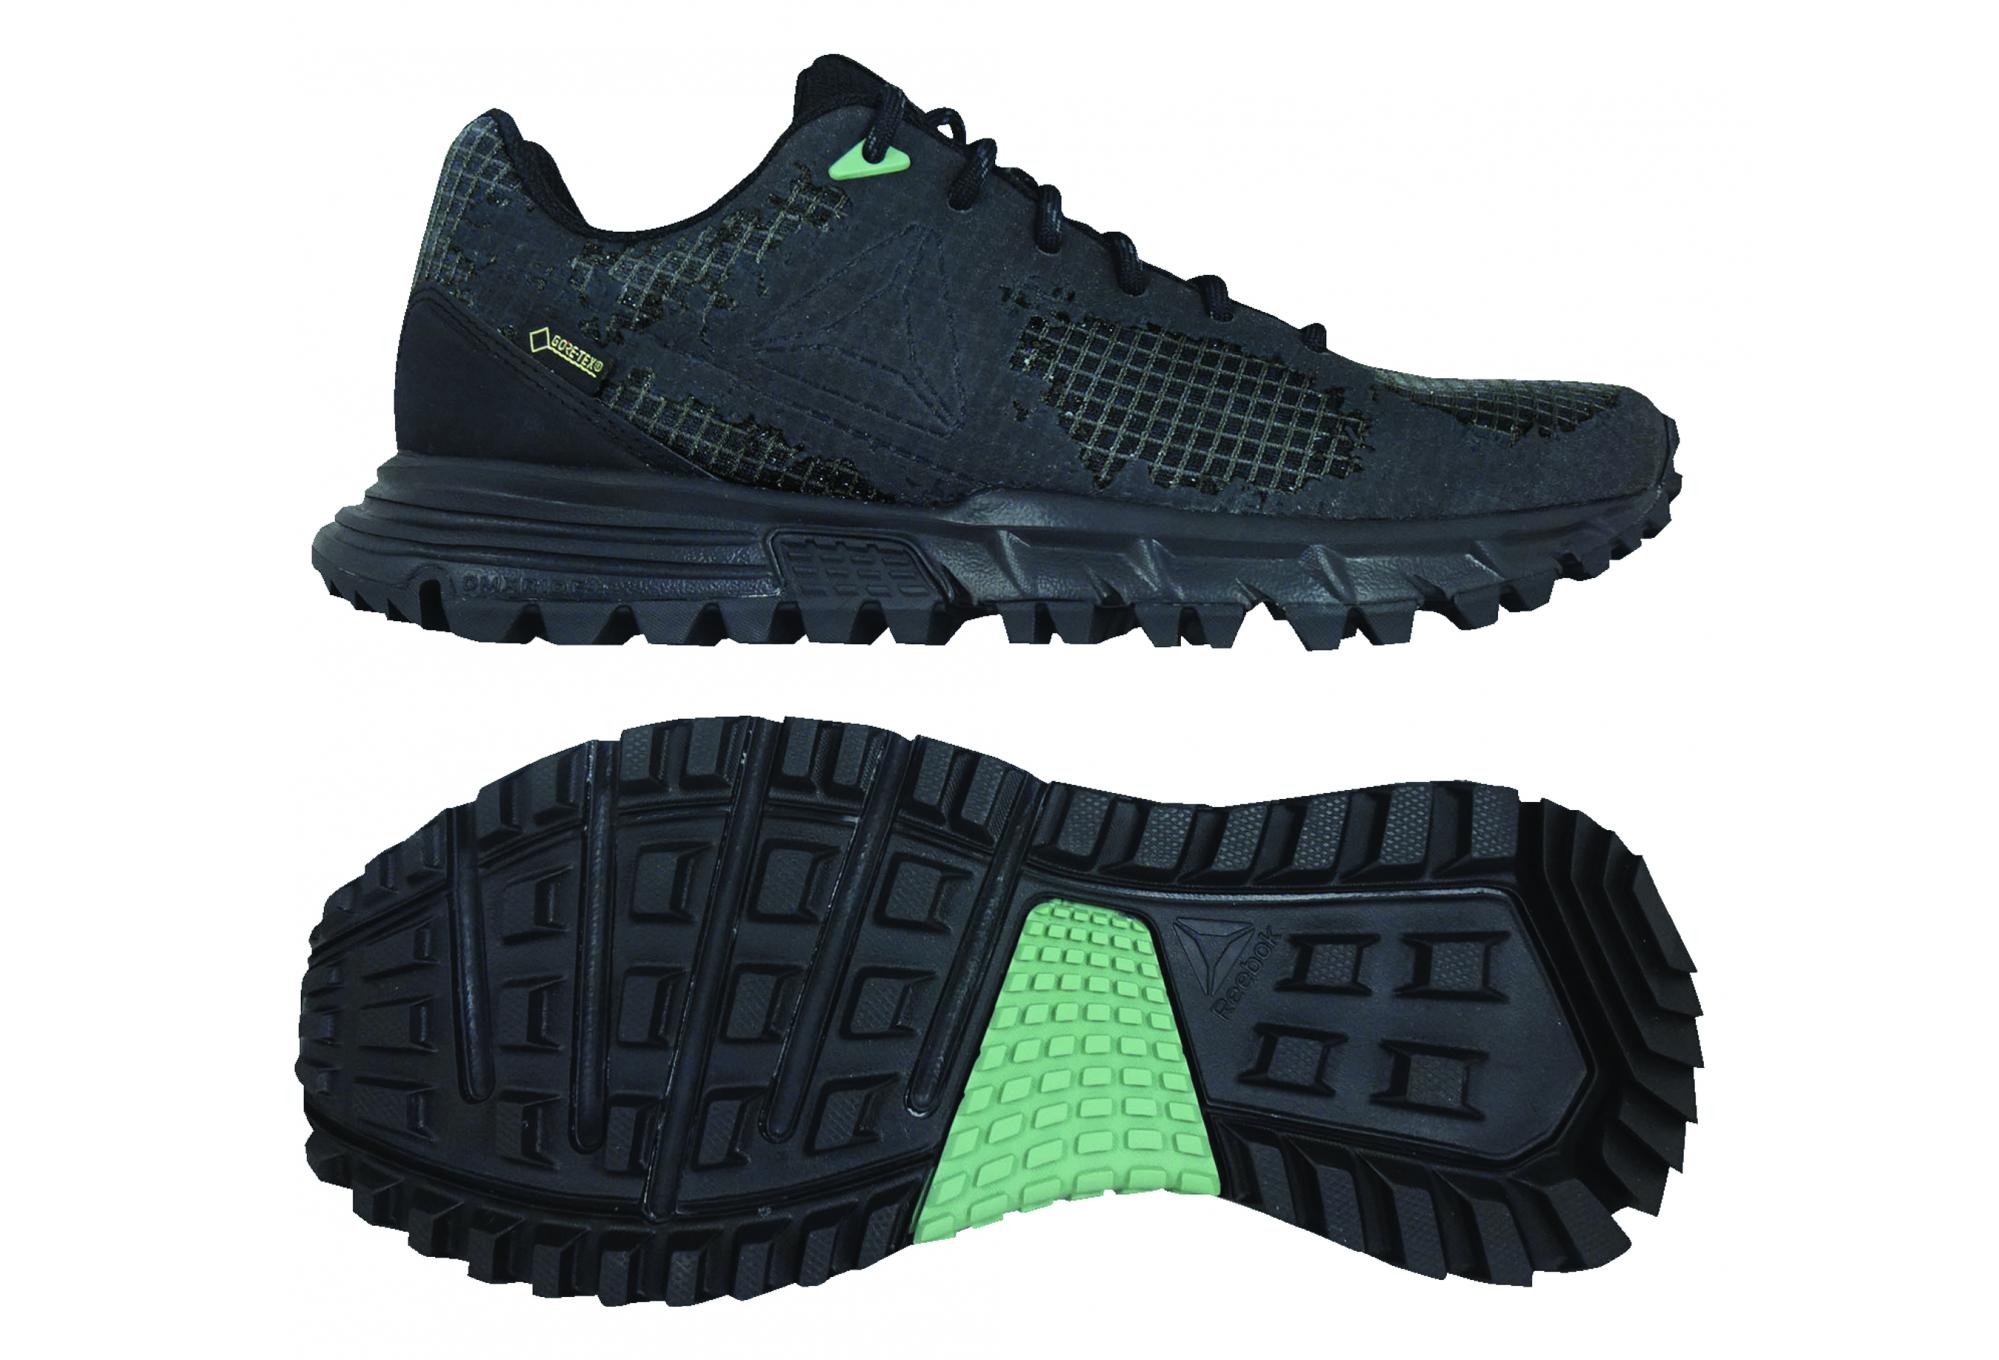 Chaussures femme Reebok Sawcut GTX 6.0